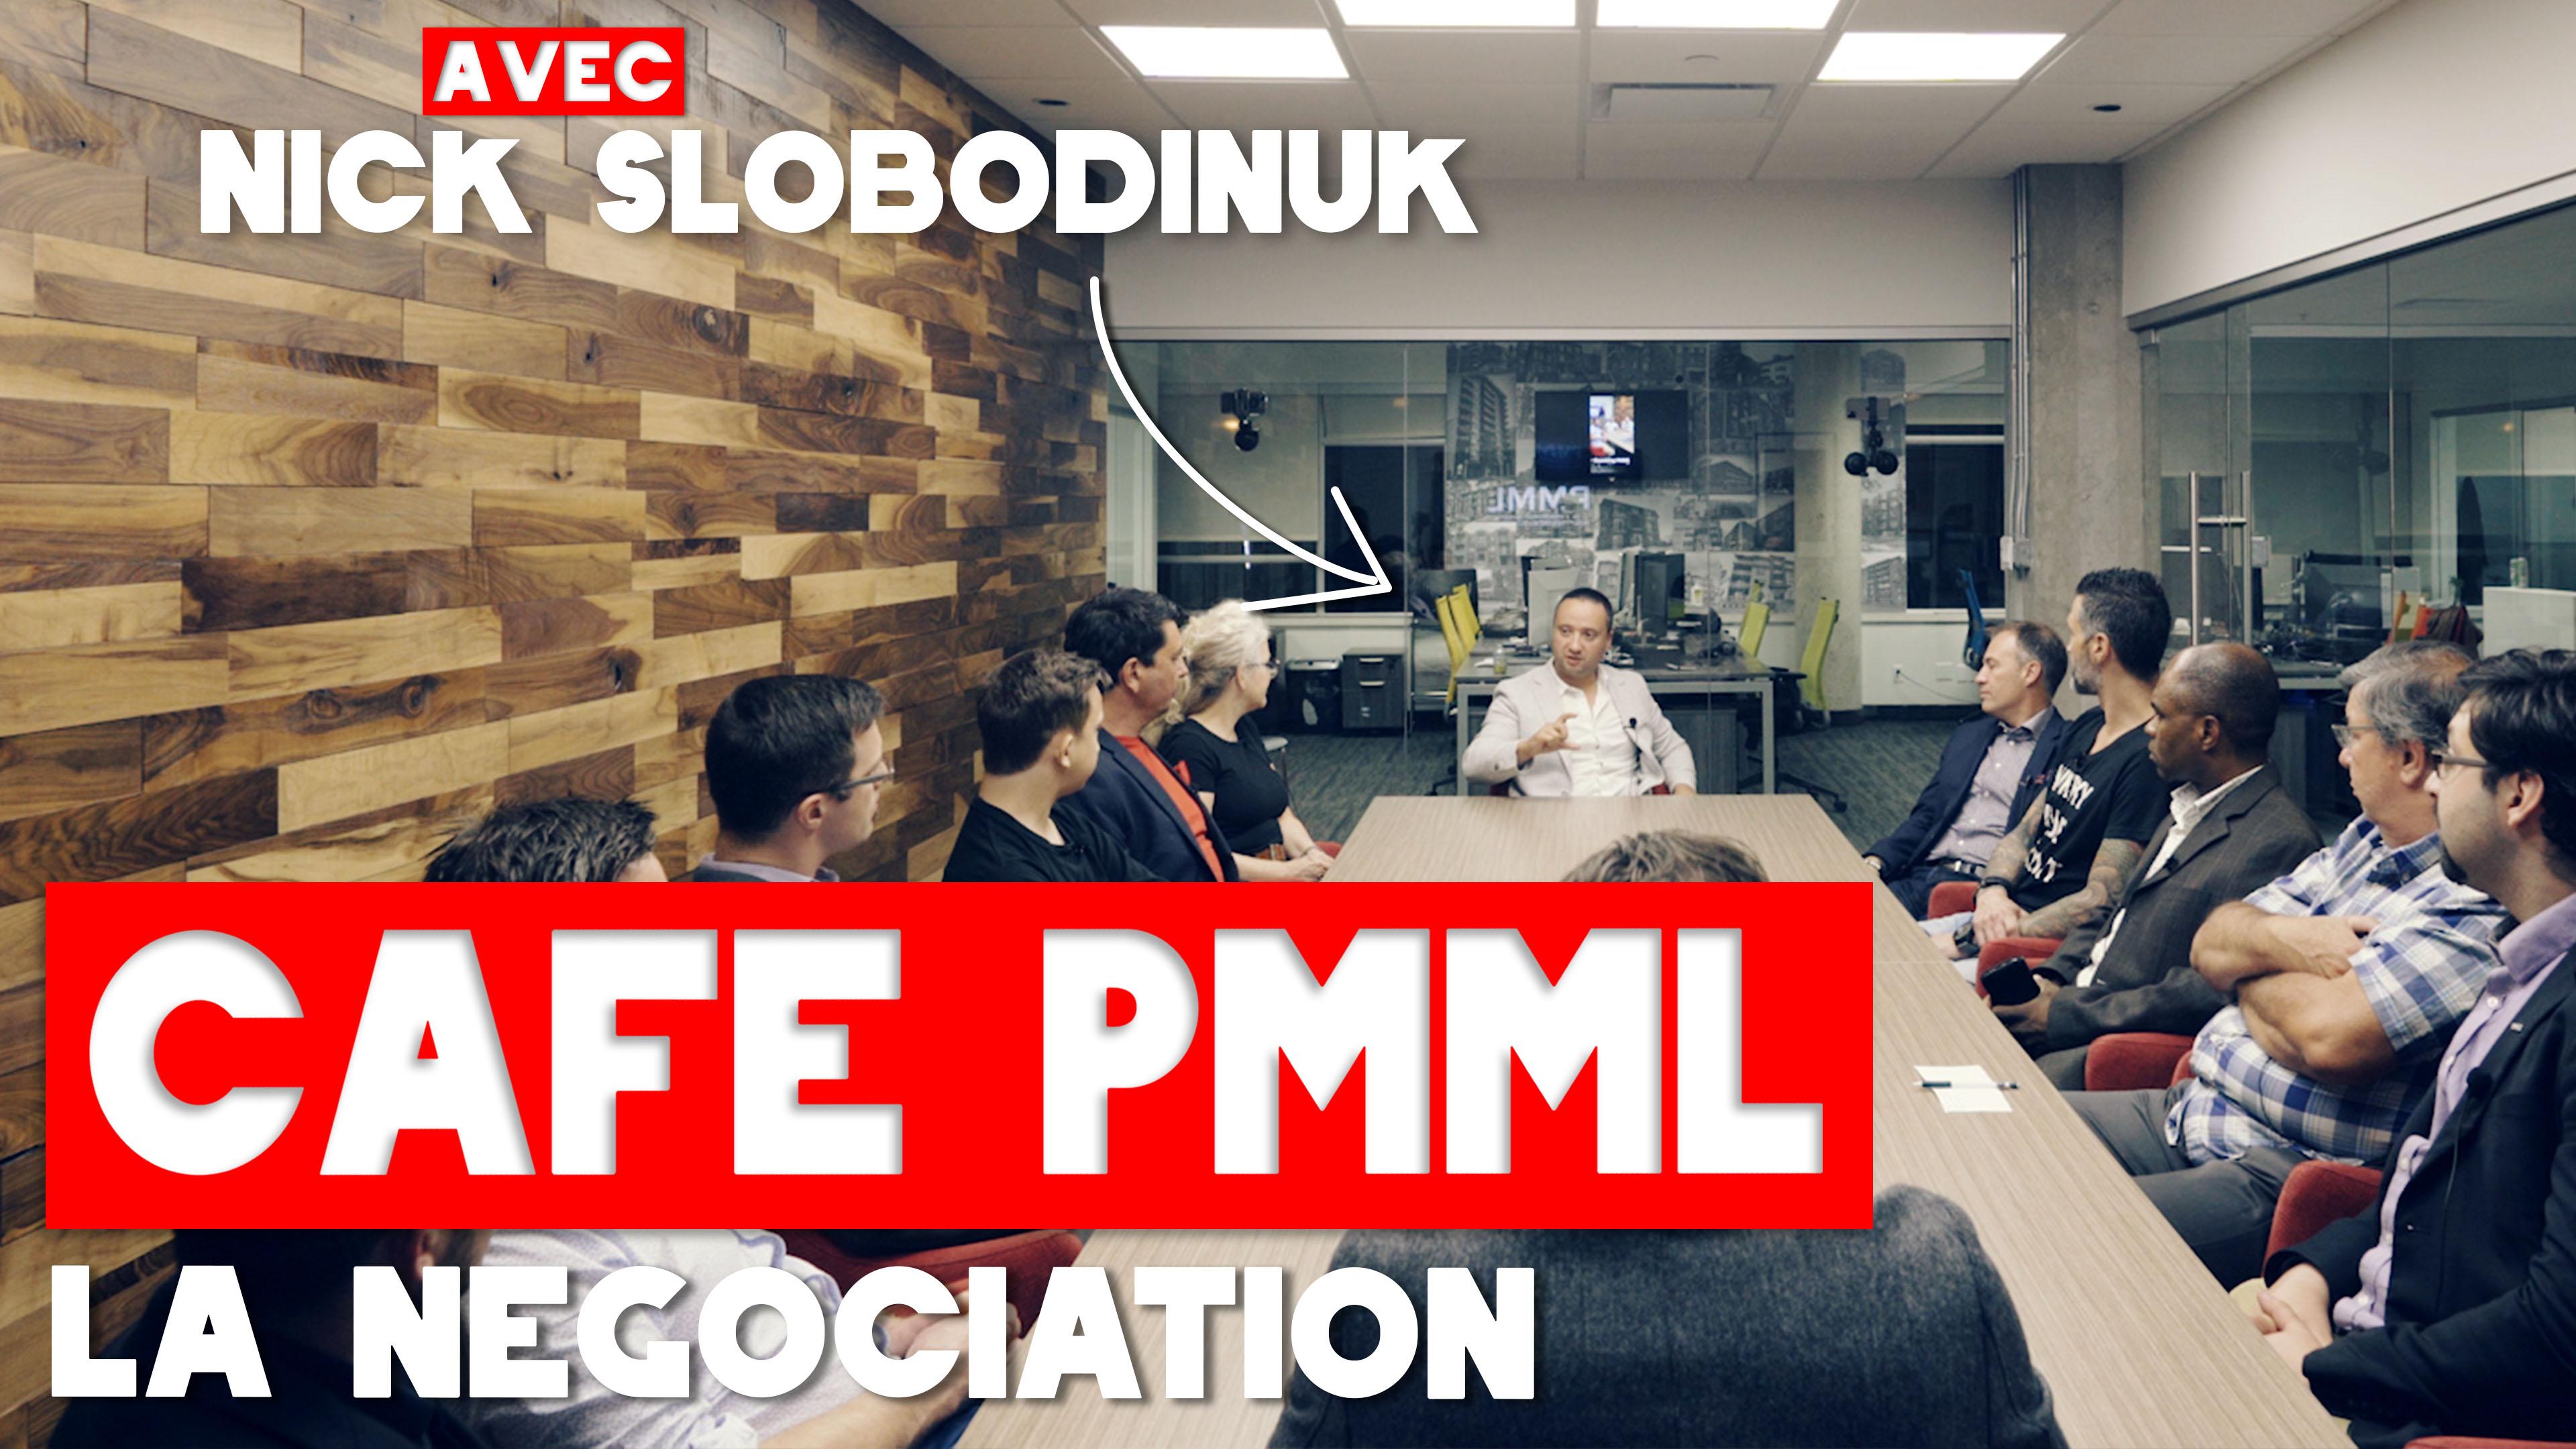 CaféPMML_Nick_Slobodinuk_Négociation